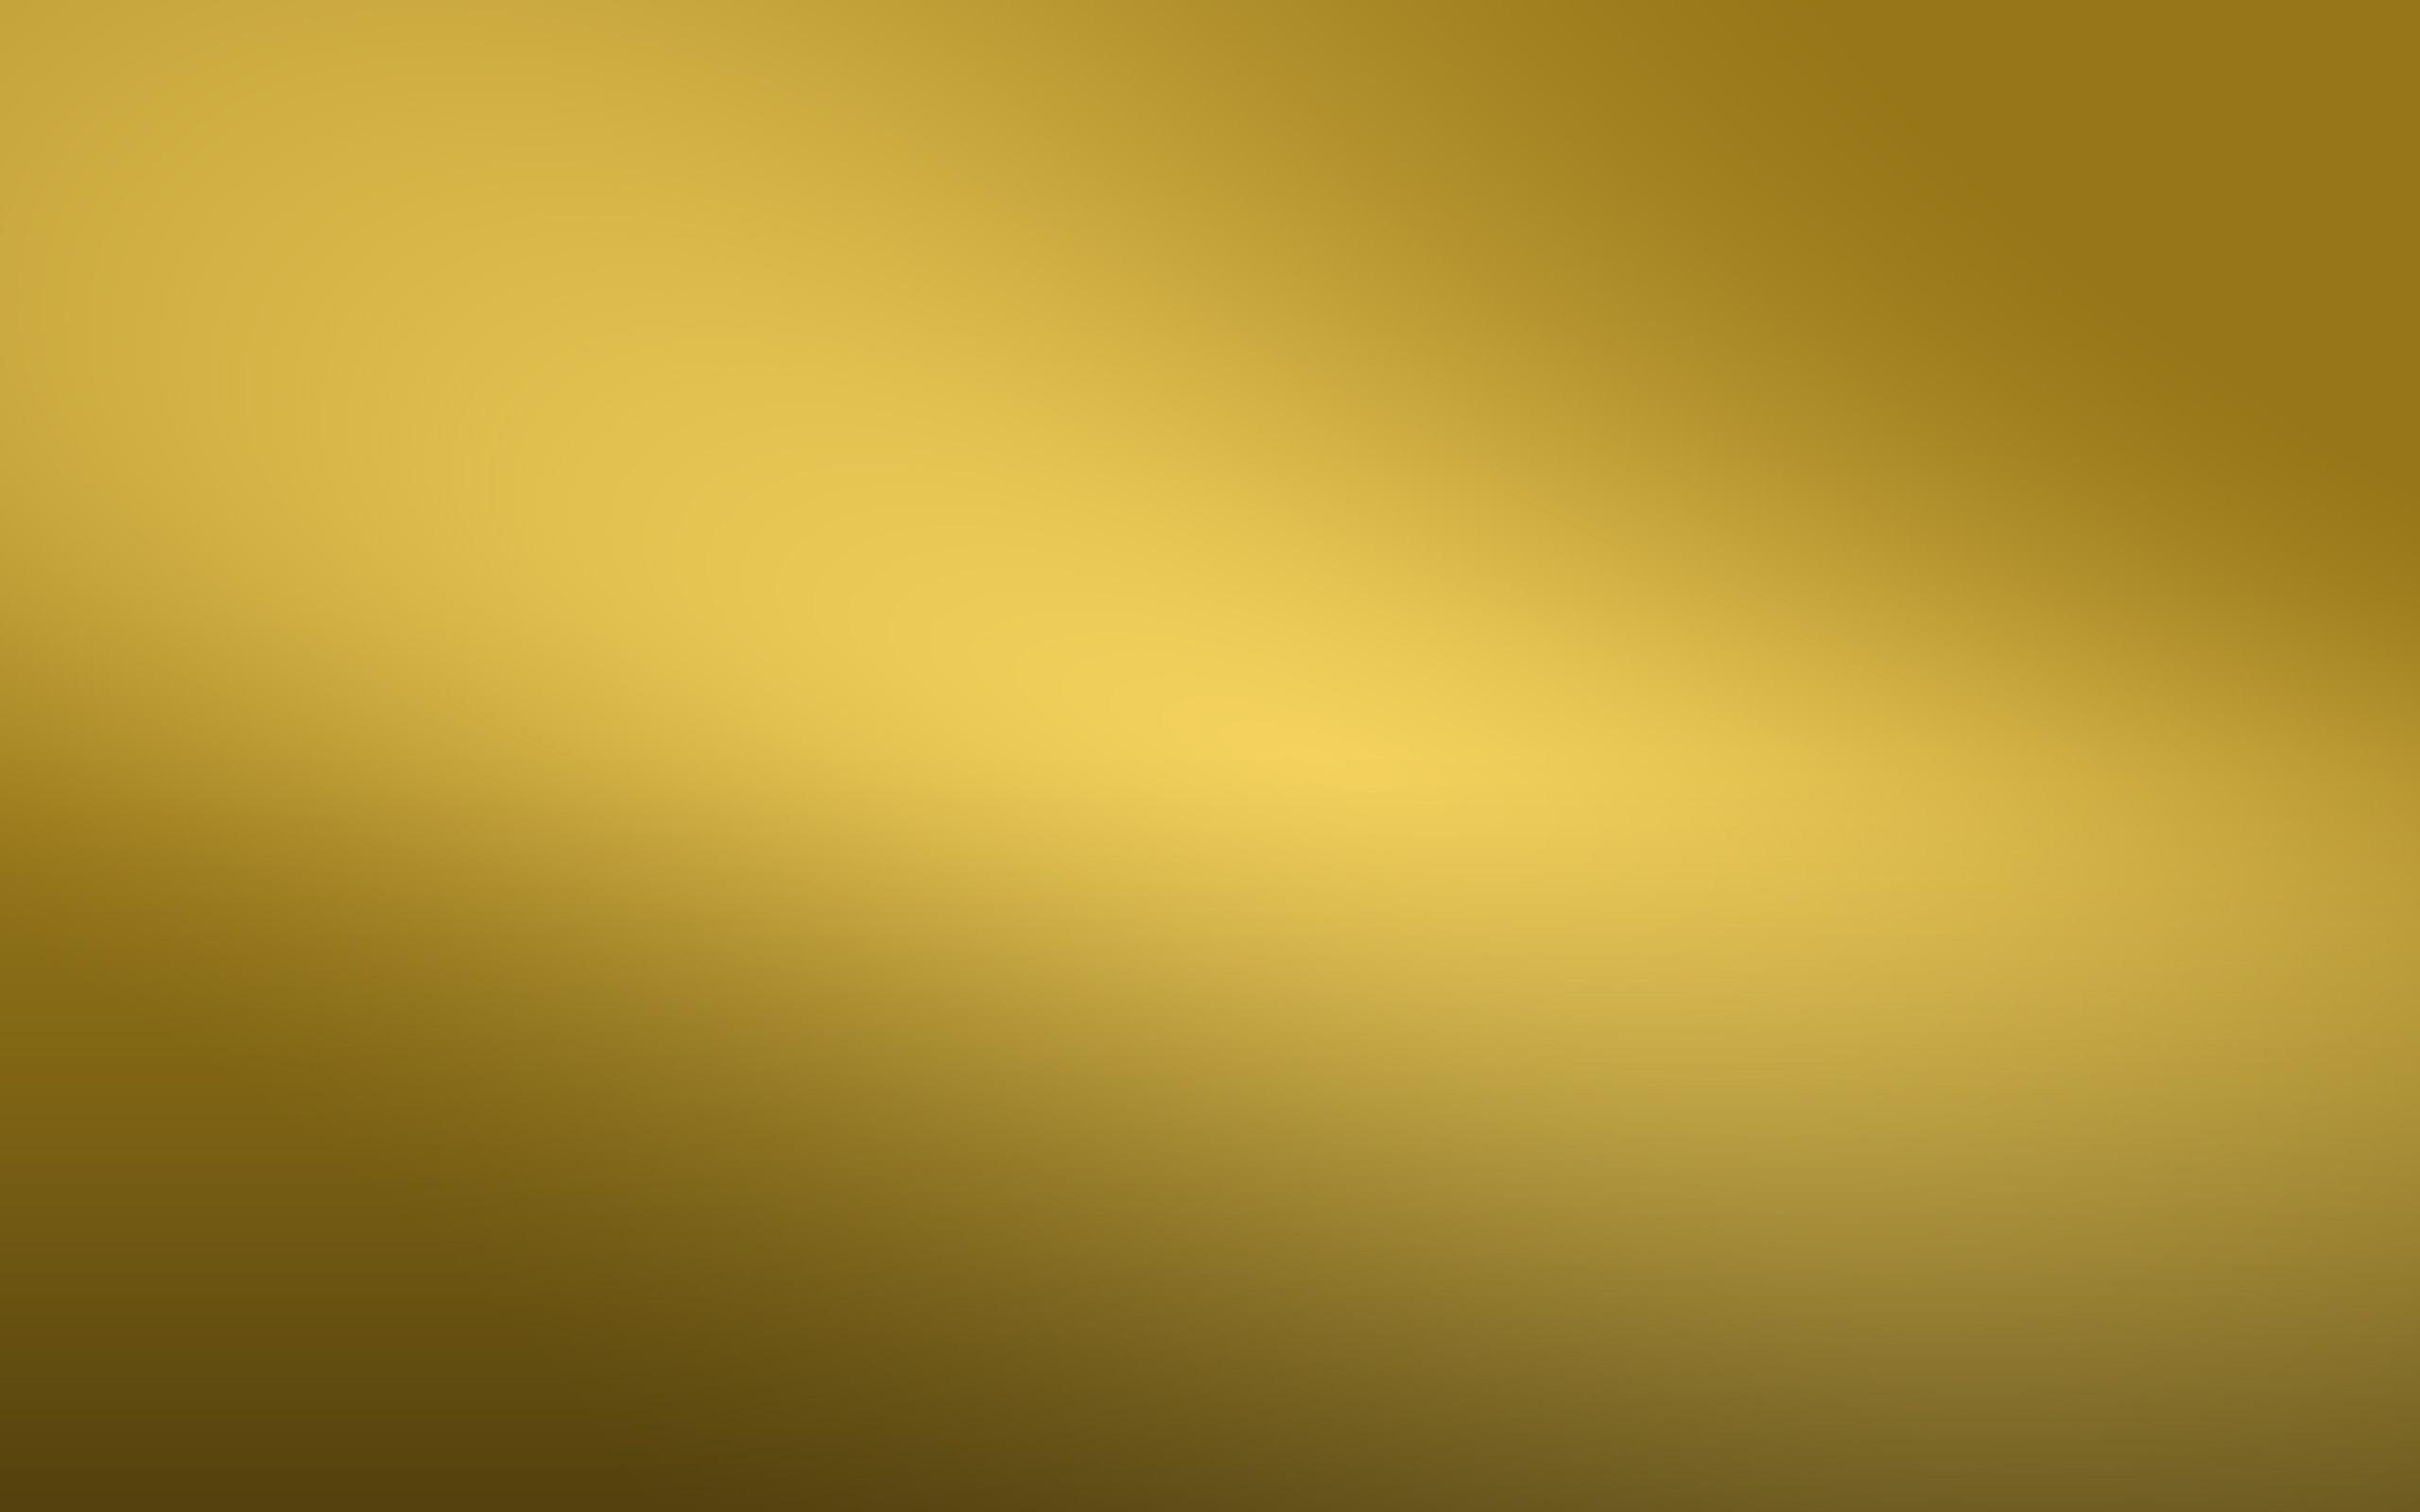 Gold-Minimalistic-Wallpaper